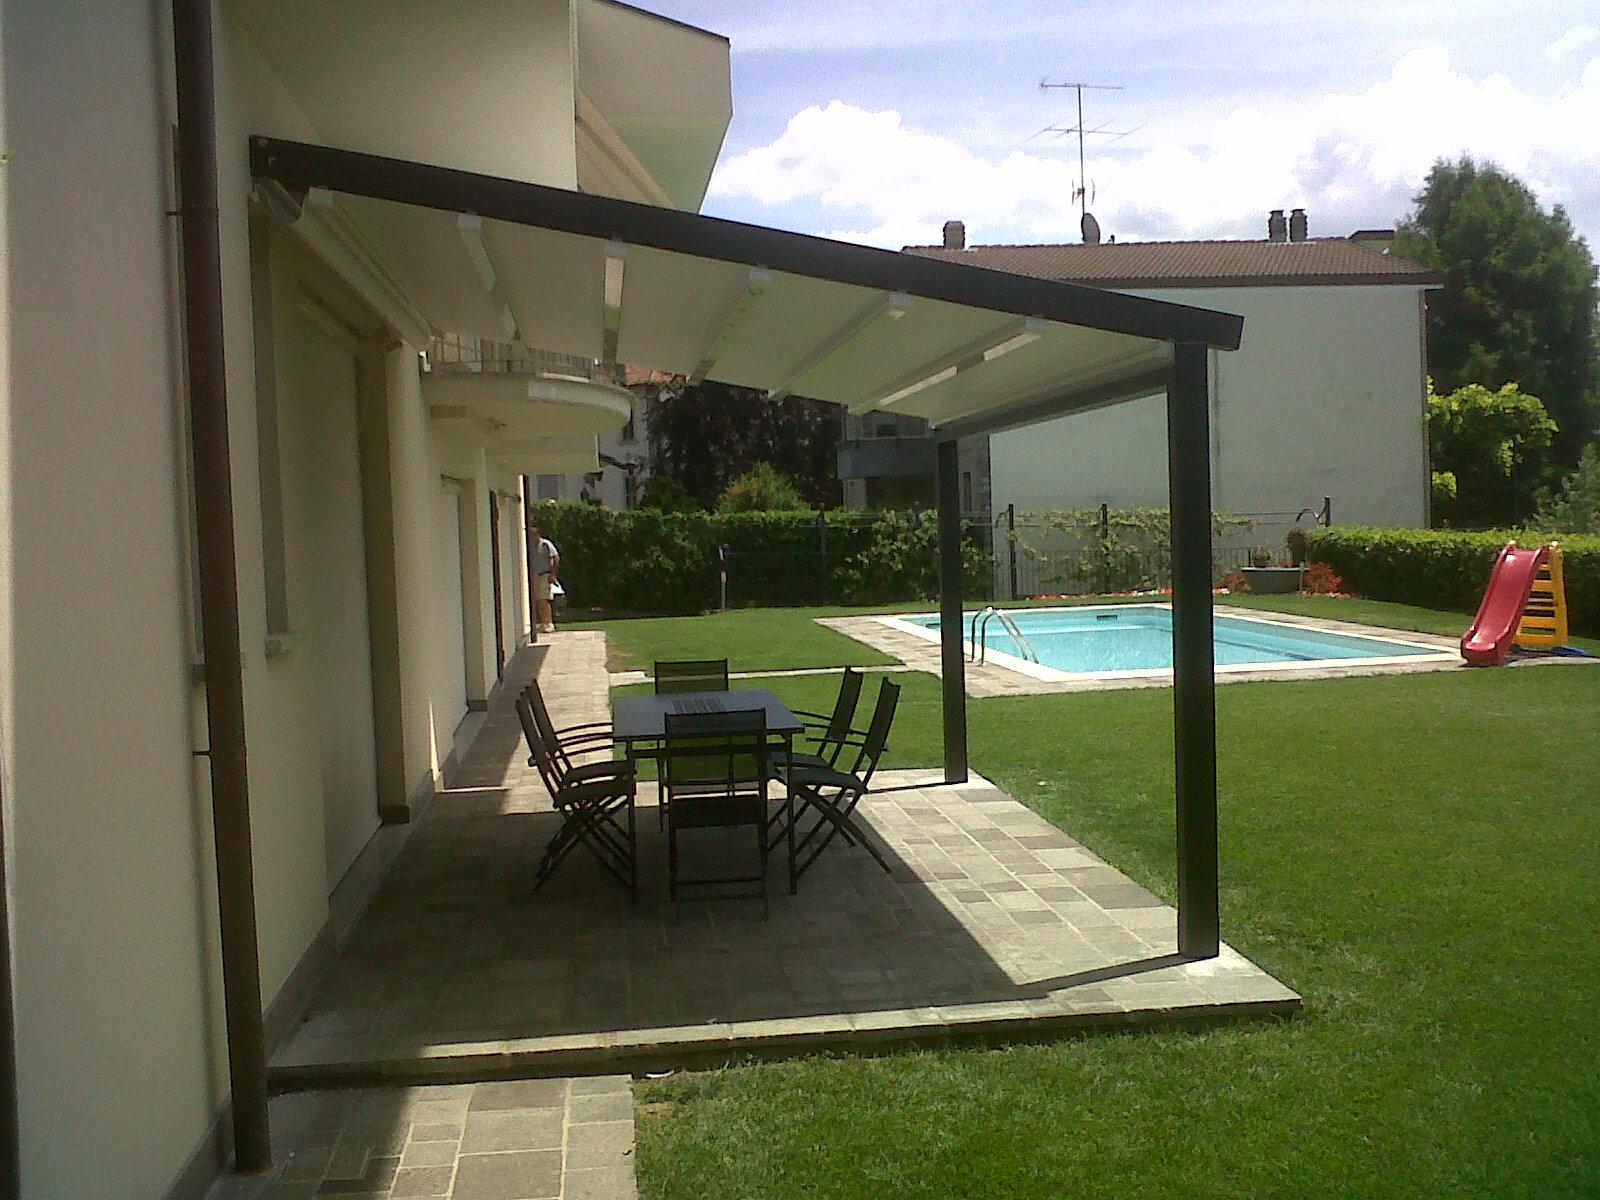 P rgola gennius a100 confortoldo - Pergola para terraza ...